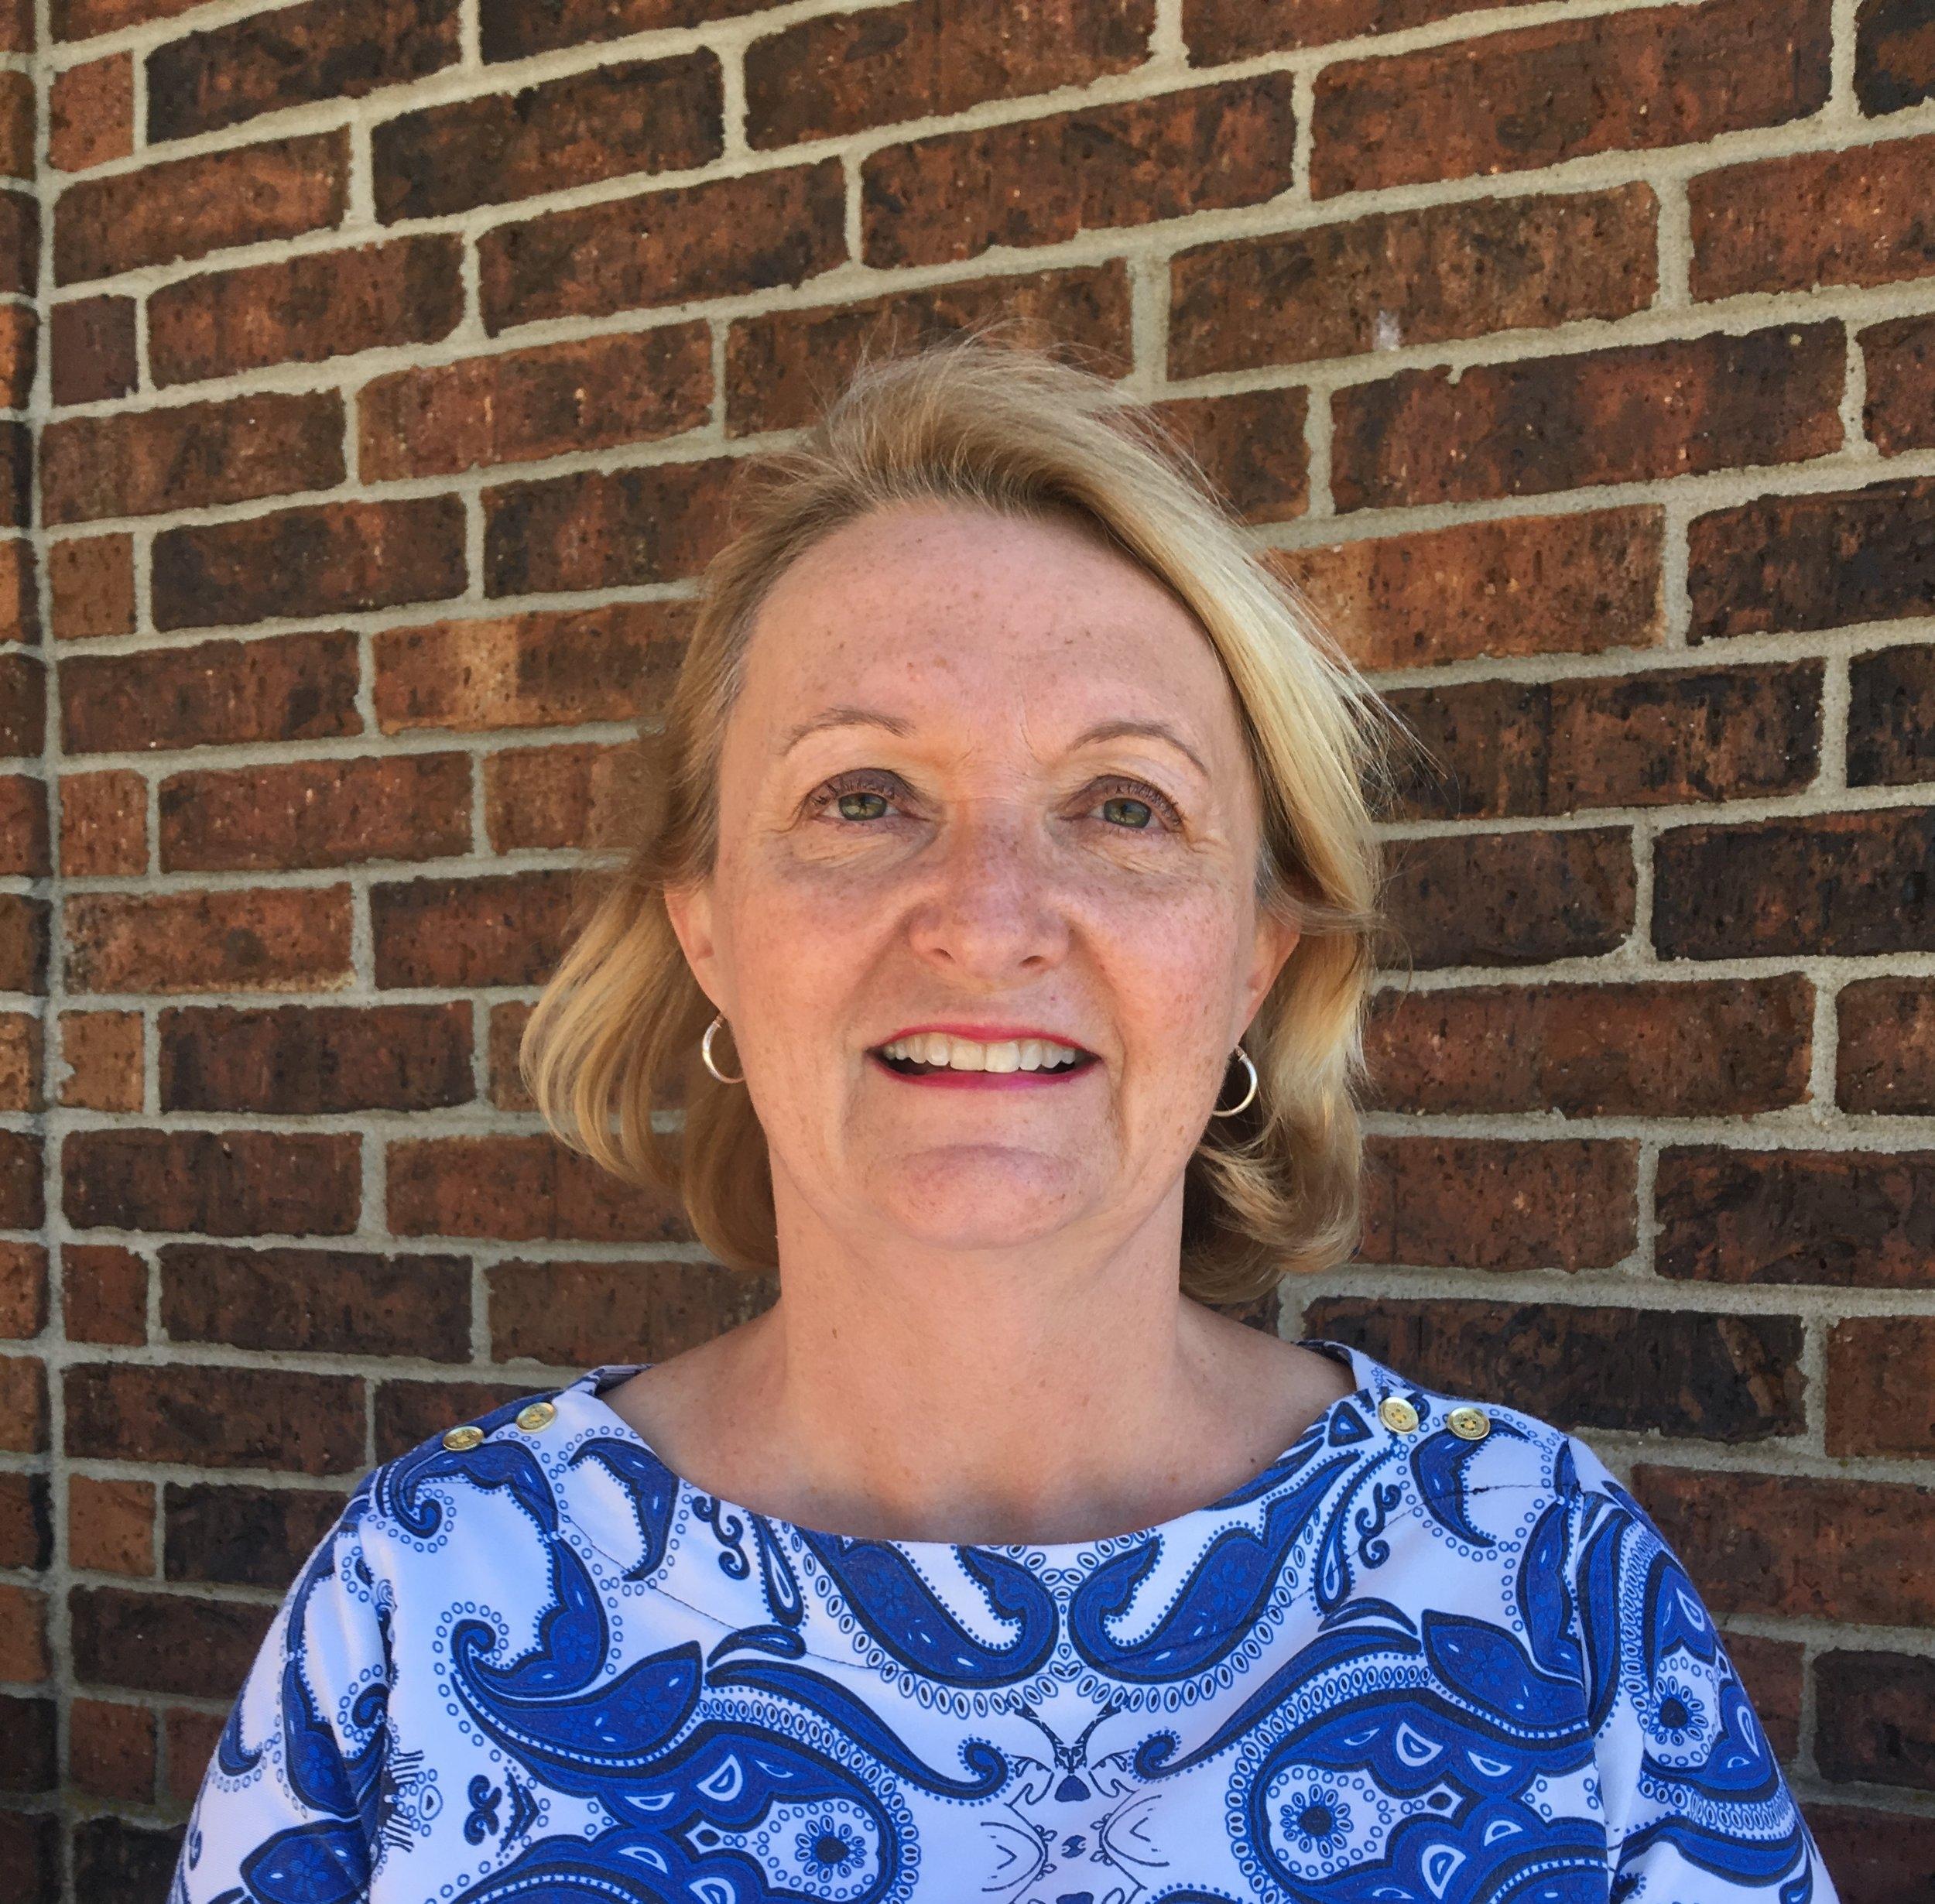 Cindy Francka_Headshot.JPG